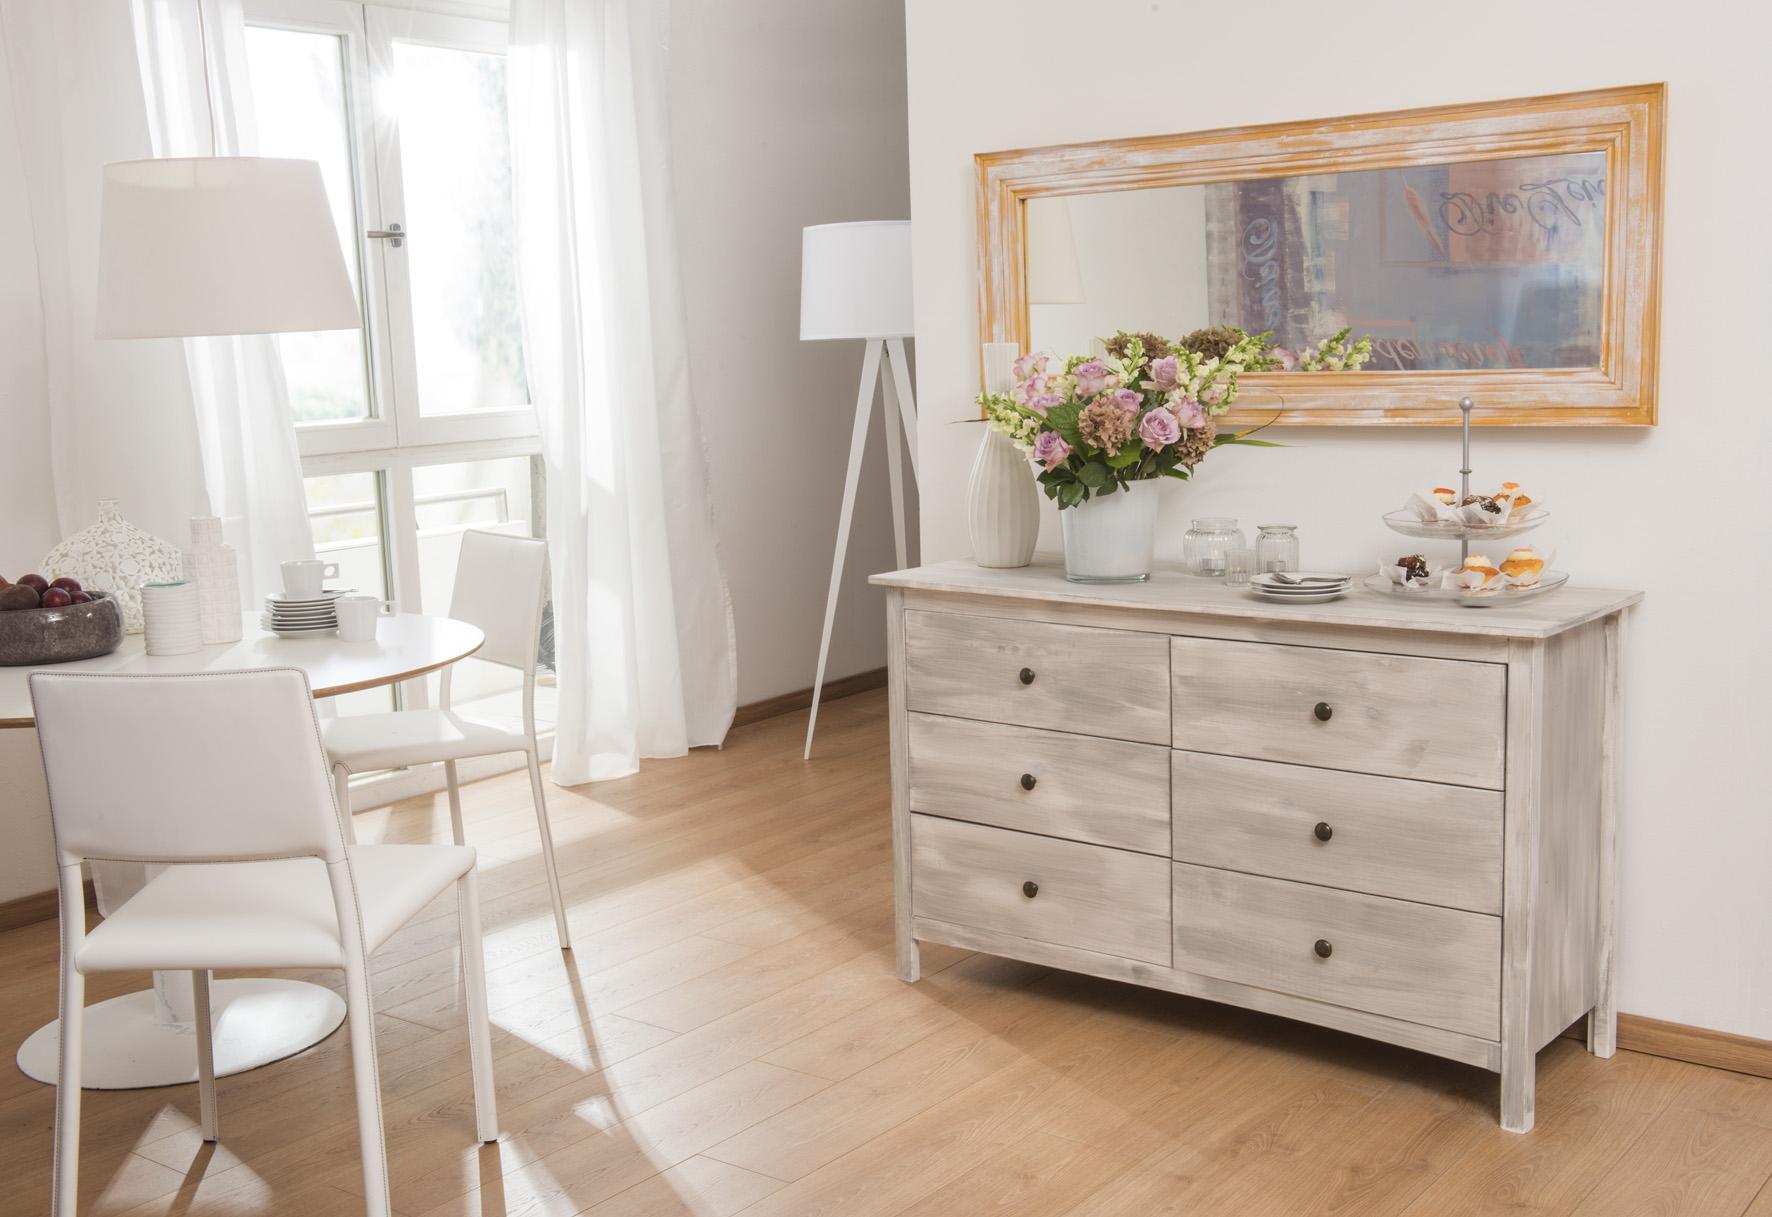 Dazu Gehört Auch Möbelstücke In Besondere Vintage Raritäten Zu Gestalten.  Ihre Neue Kommode Soll Besonders Natürlich Und Dekorativ Aussehen?